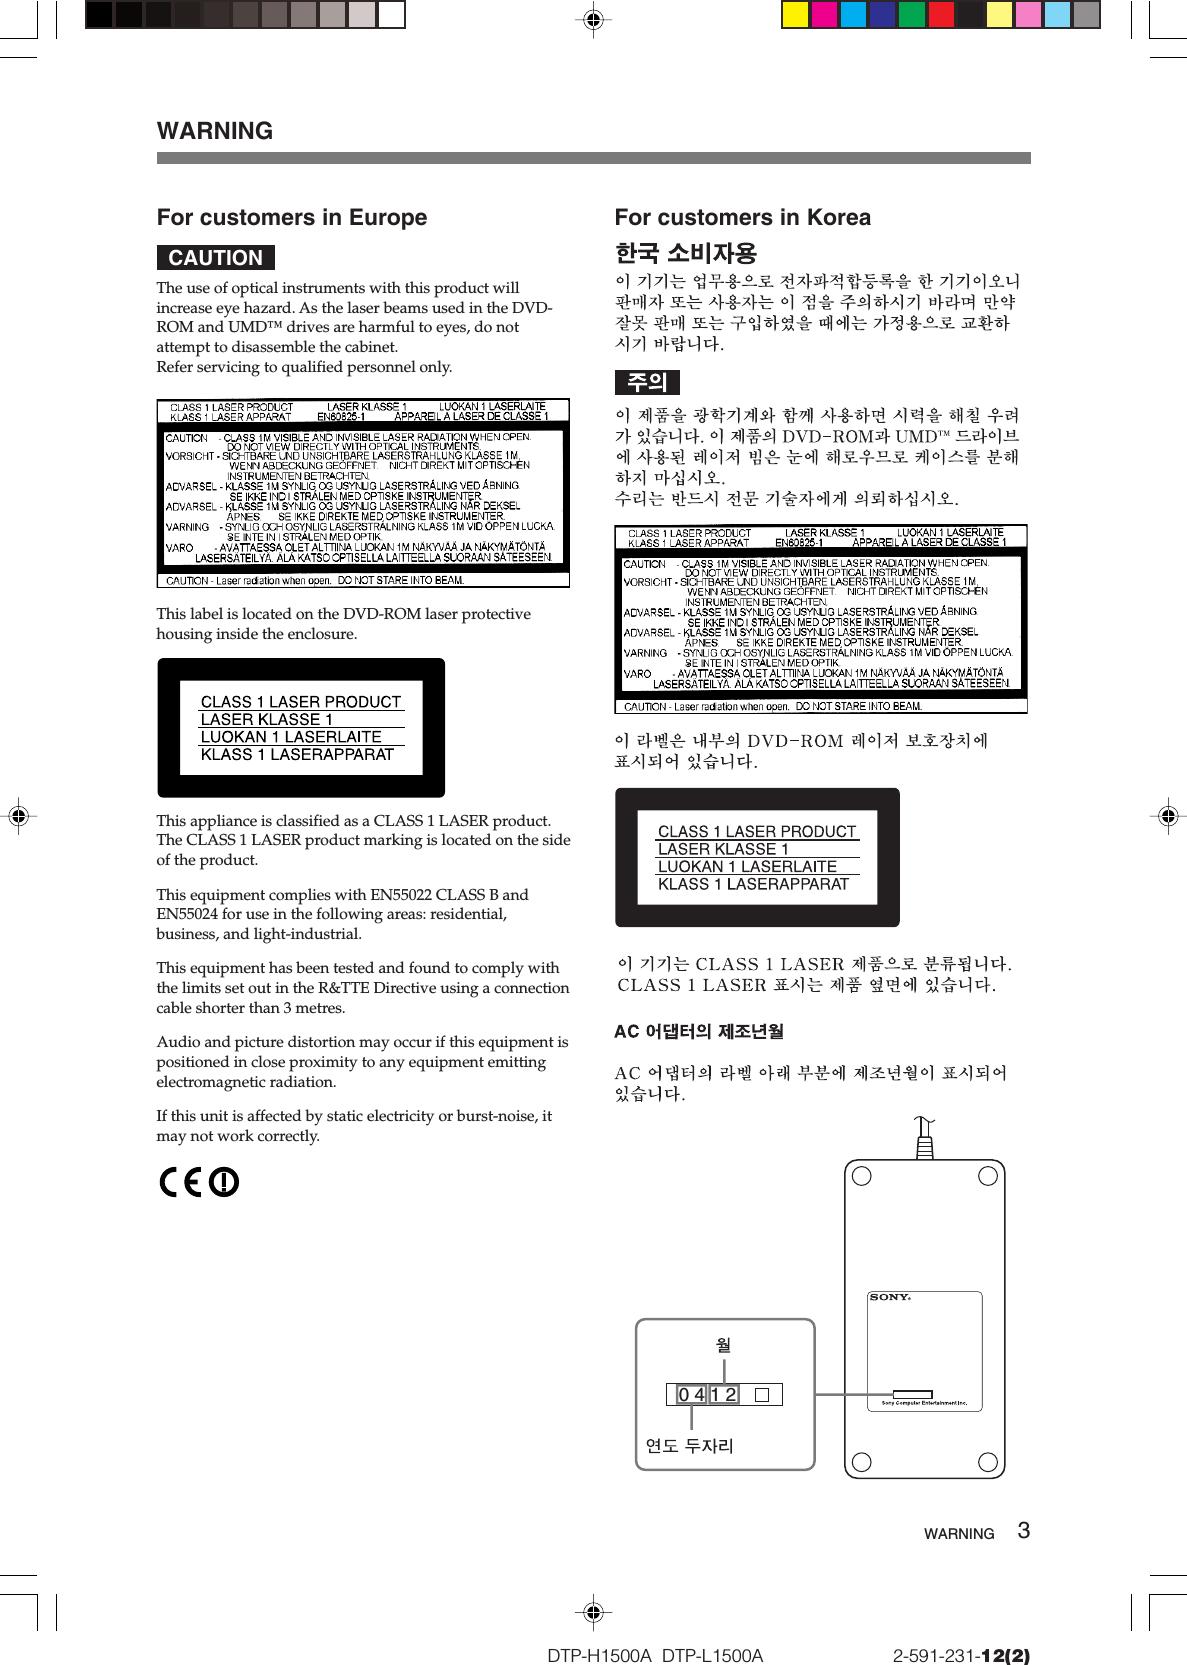 psp e1004 user manual pdf